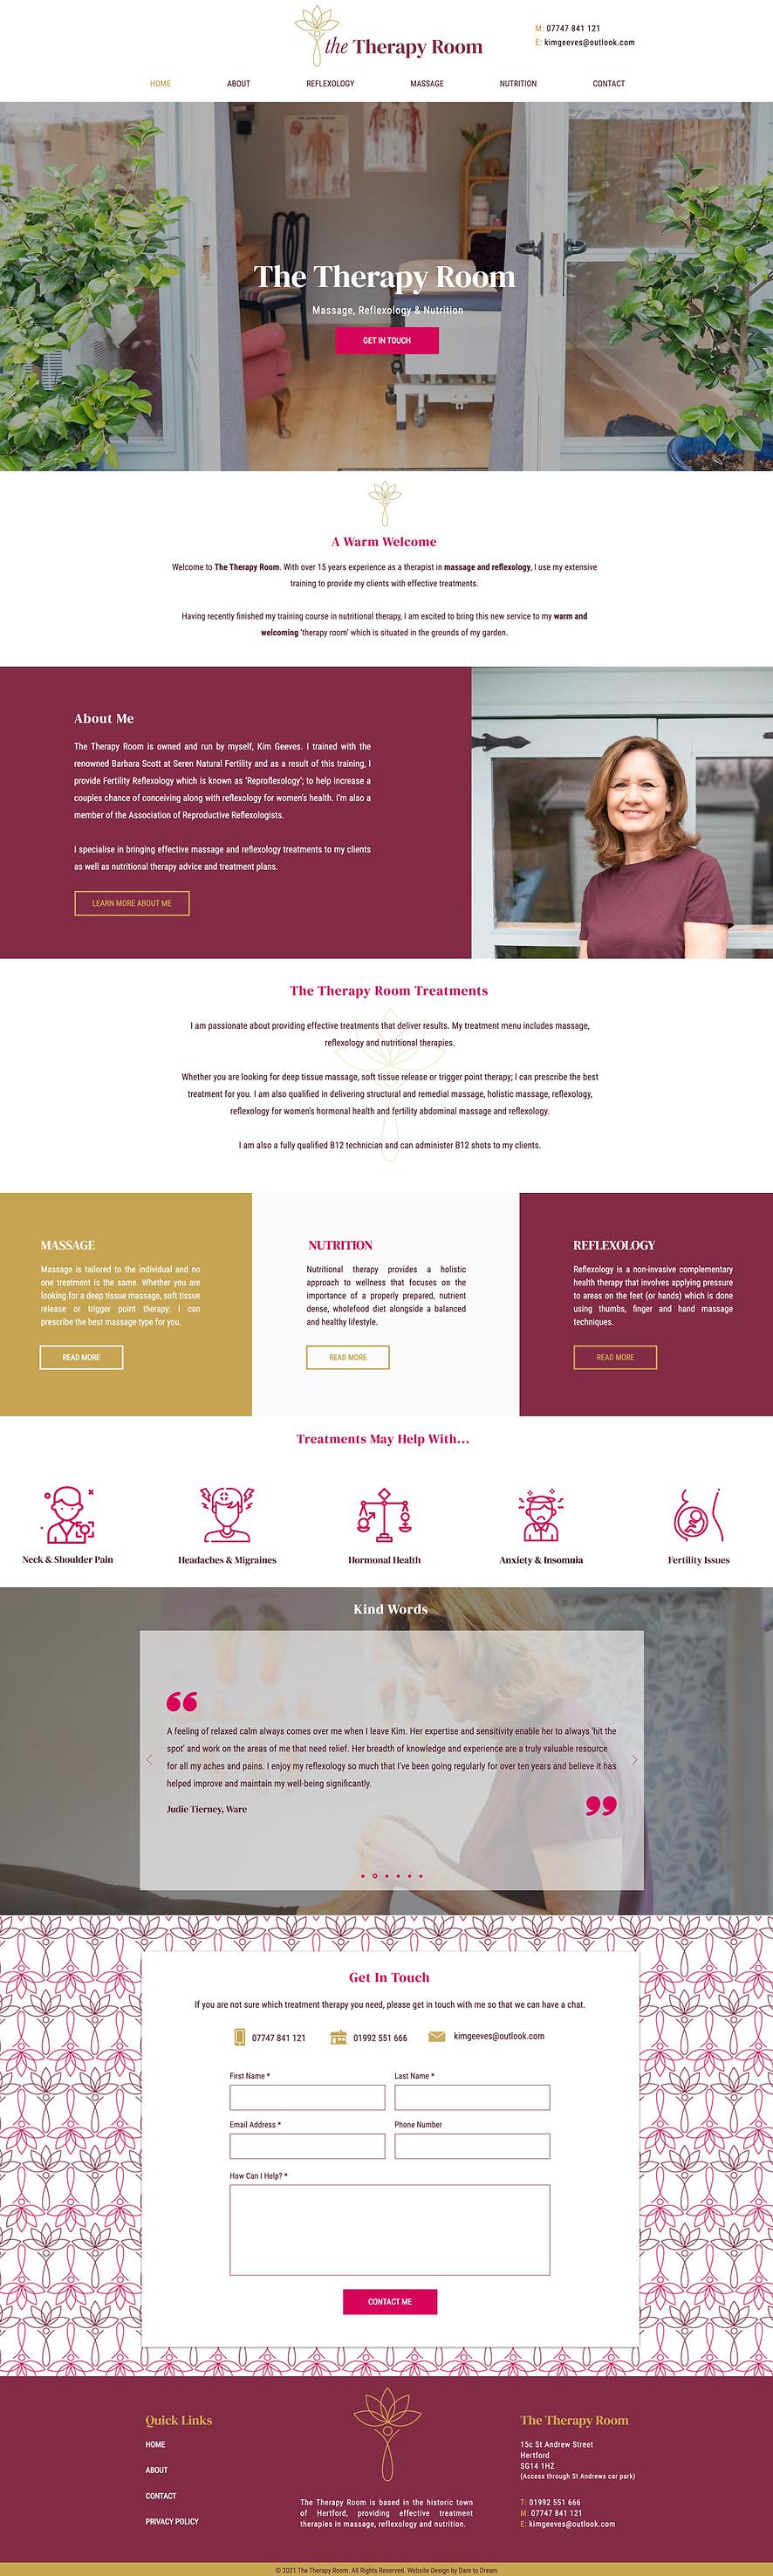 Reflexologist Website Design